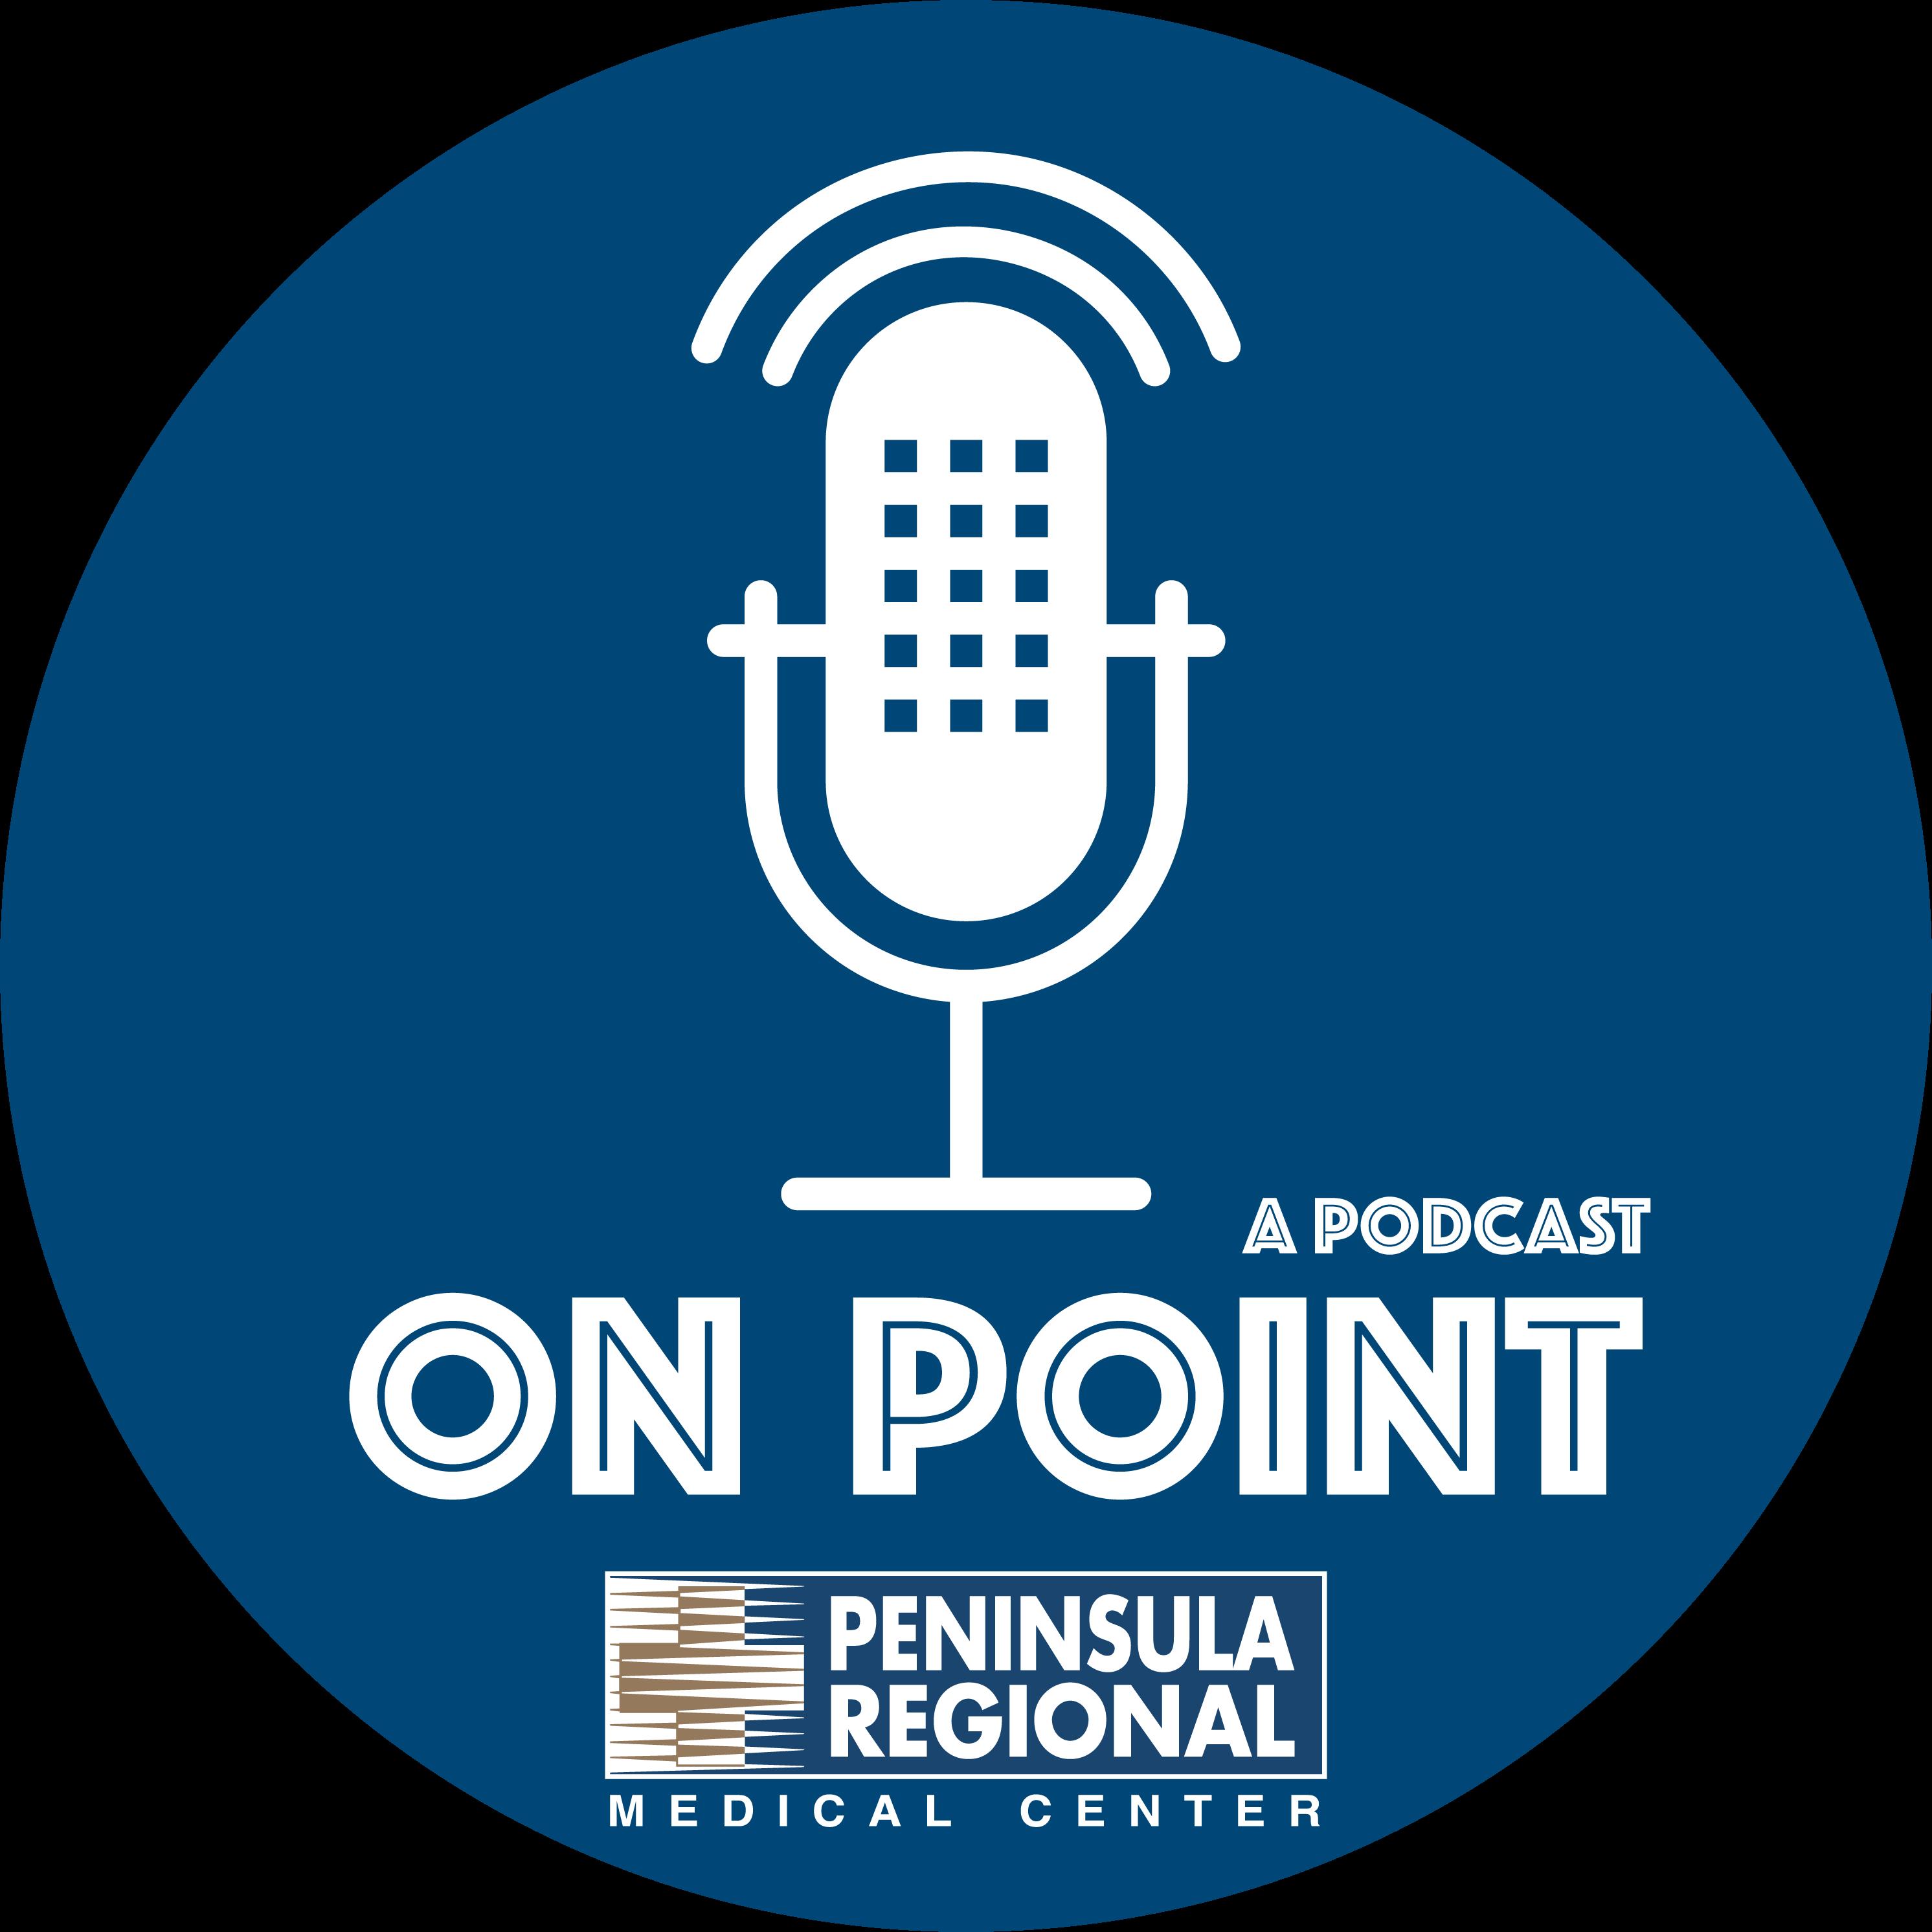 PRMC Onpoint